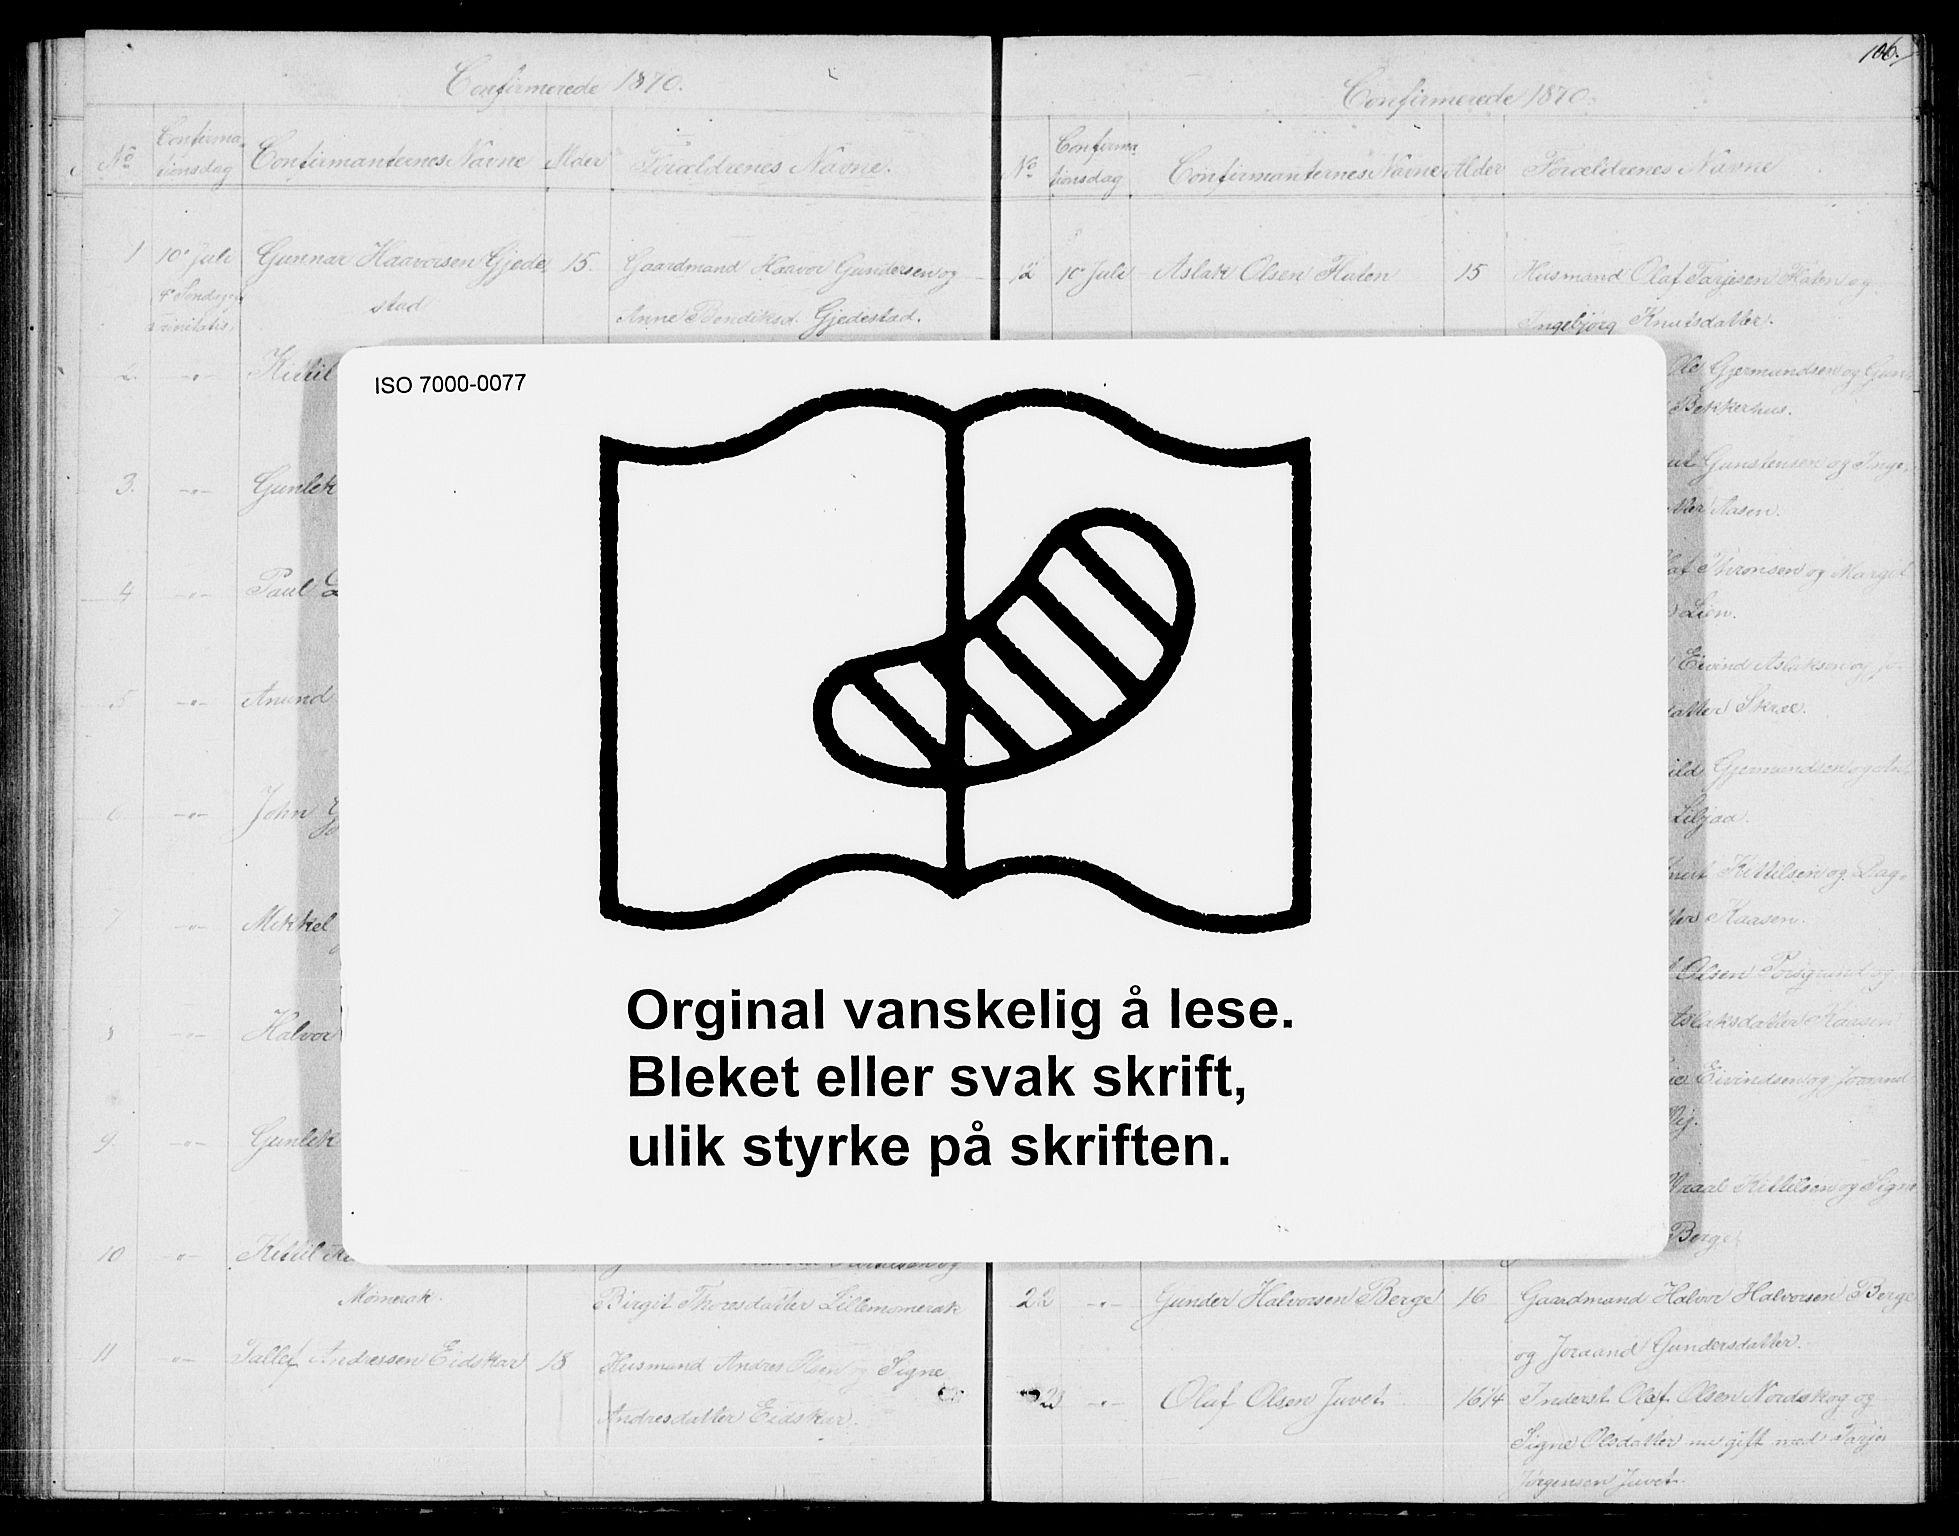 SAKO, Fyresdal kirkebøker, G/Ga/L0004: Klokkerbok nr. I 4, 1864-1892, s. 106